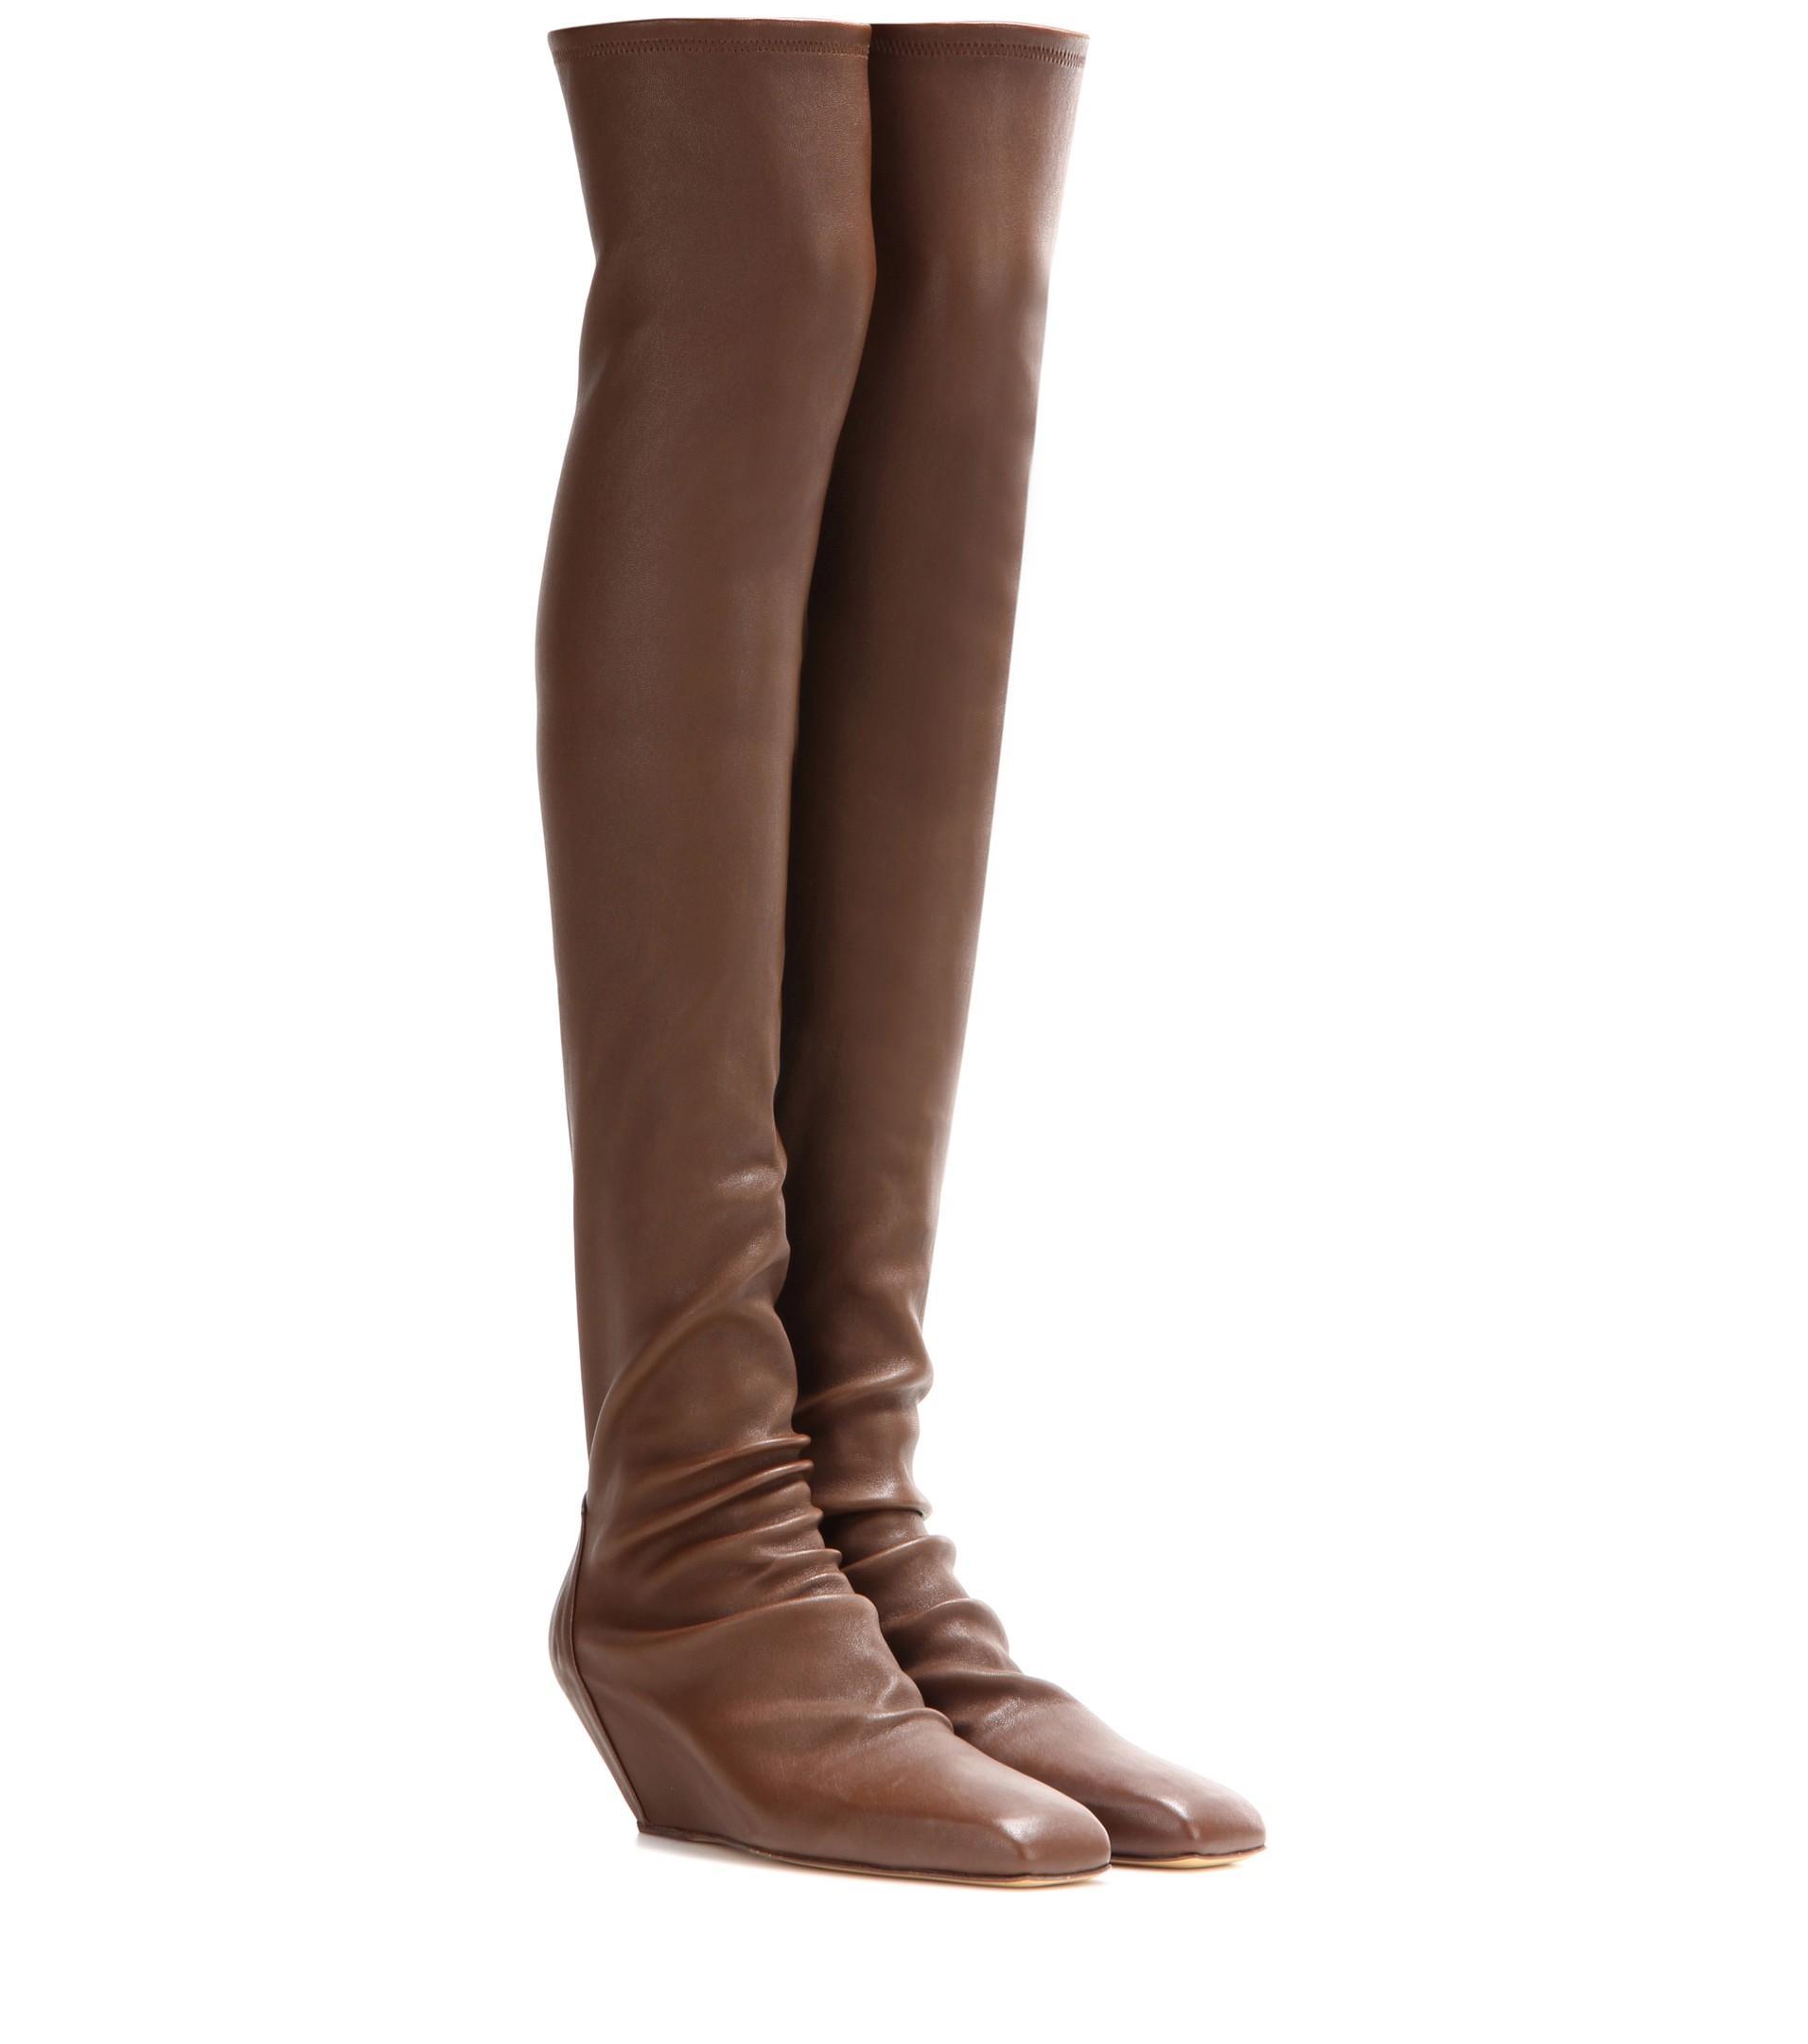 Cuissardes: gli stivali alti sopra il ginocchio per l